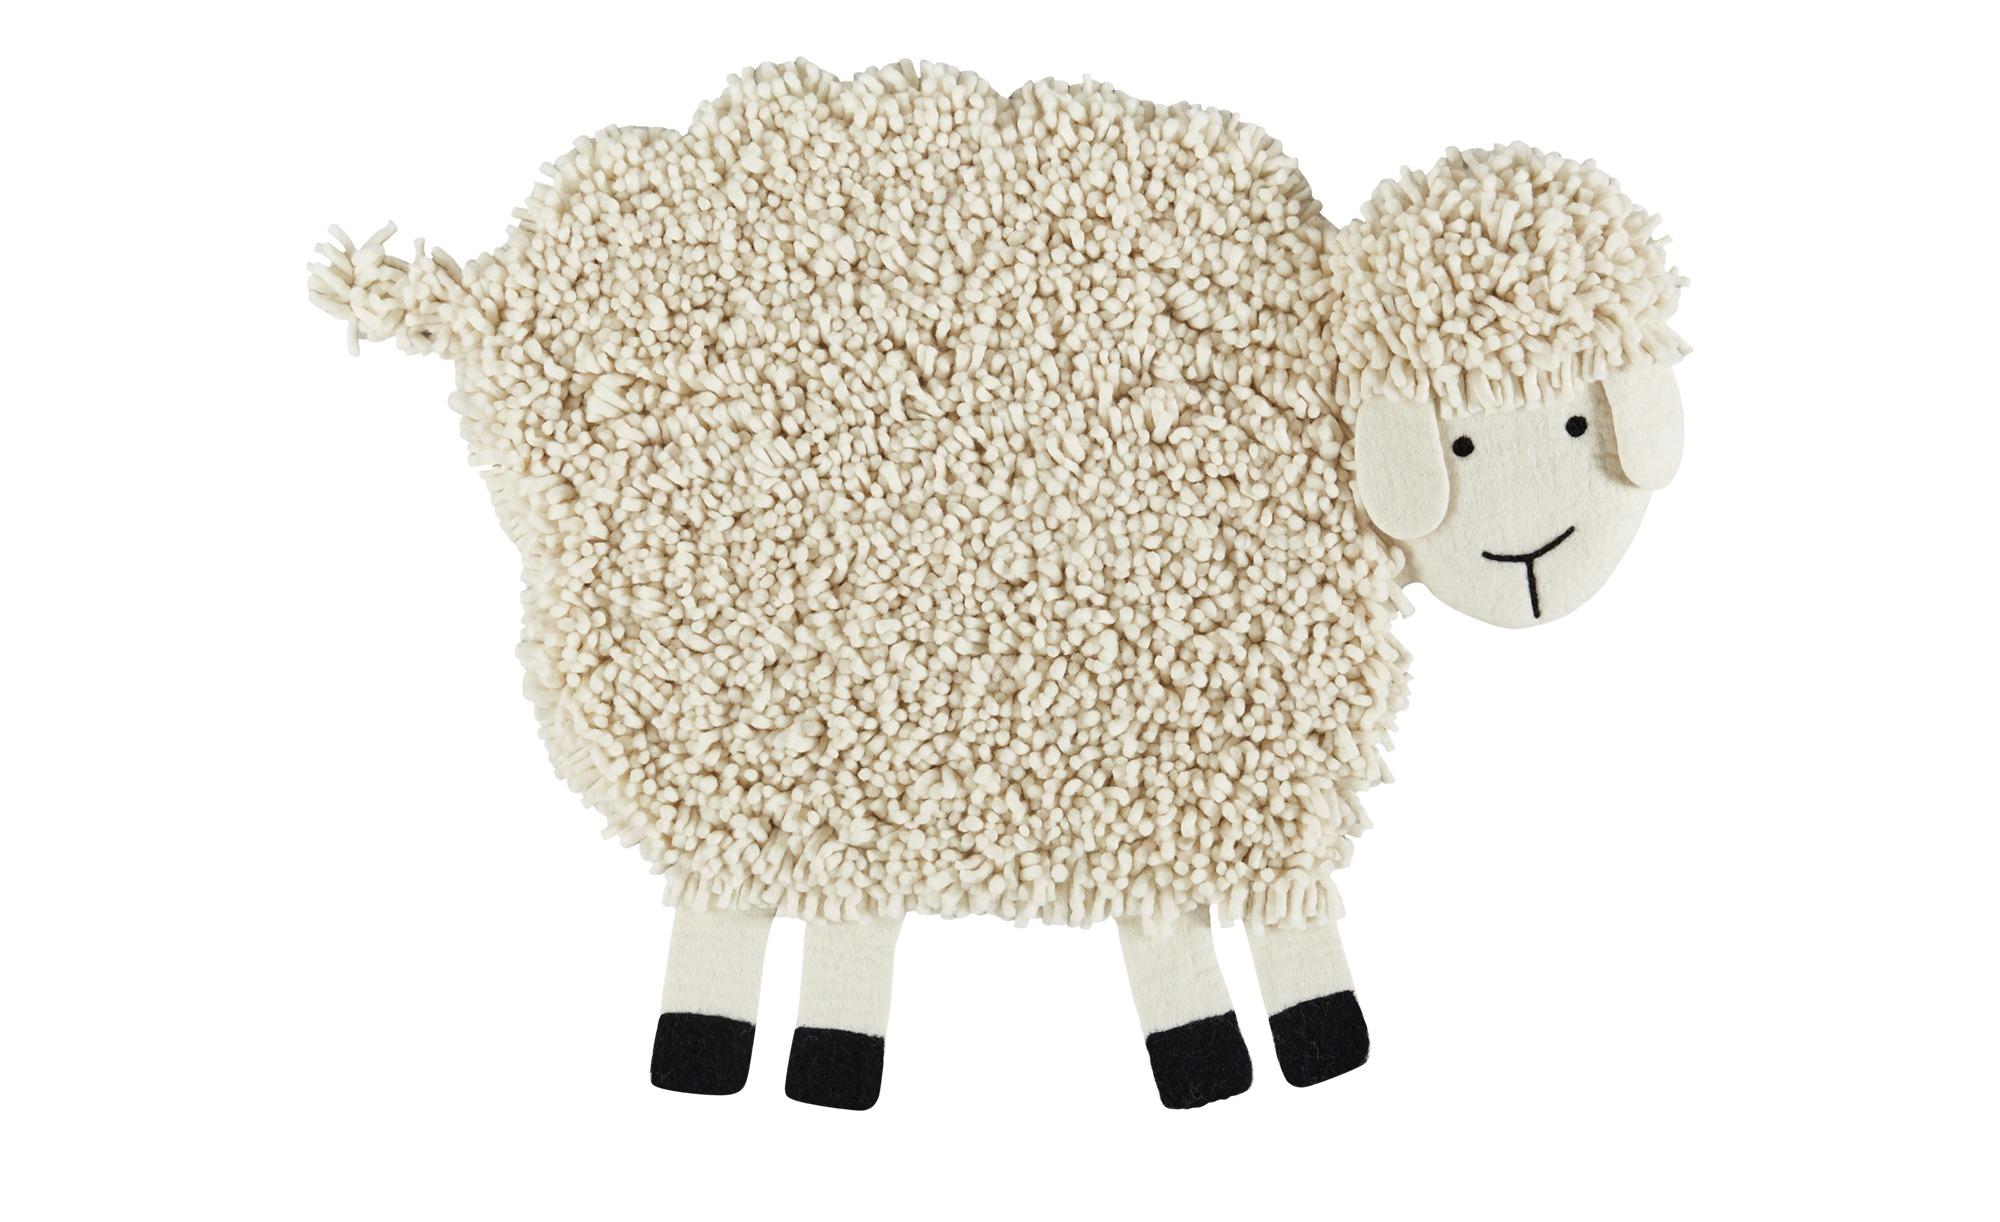 Nepal-Teppich  Emma ¦ creme ¦ 100% nepalesische gewalkte Wolle, Wolle ¦ Maße (cm): B: 85 Teppiche > Felle - Höffner